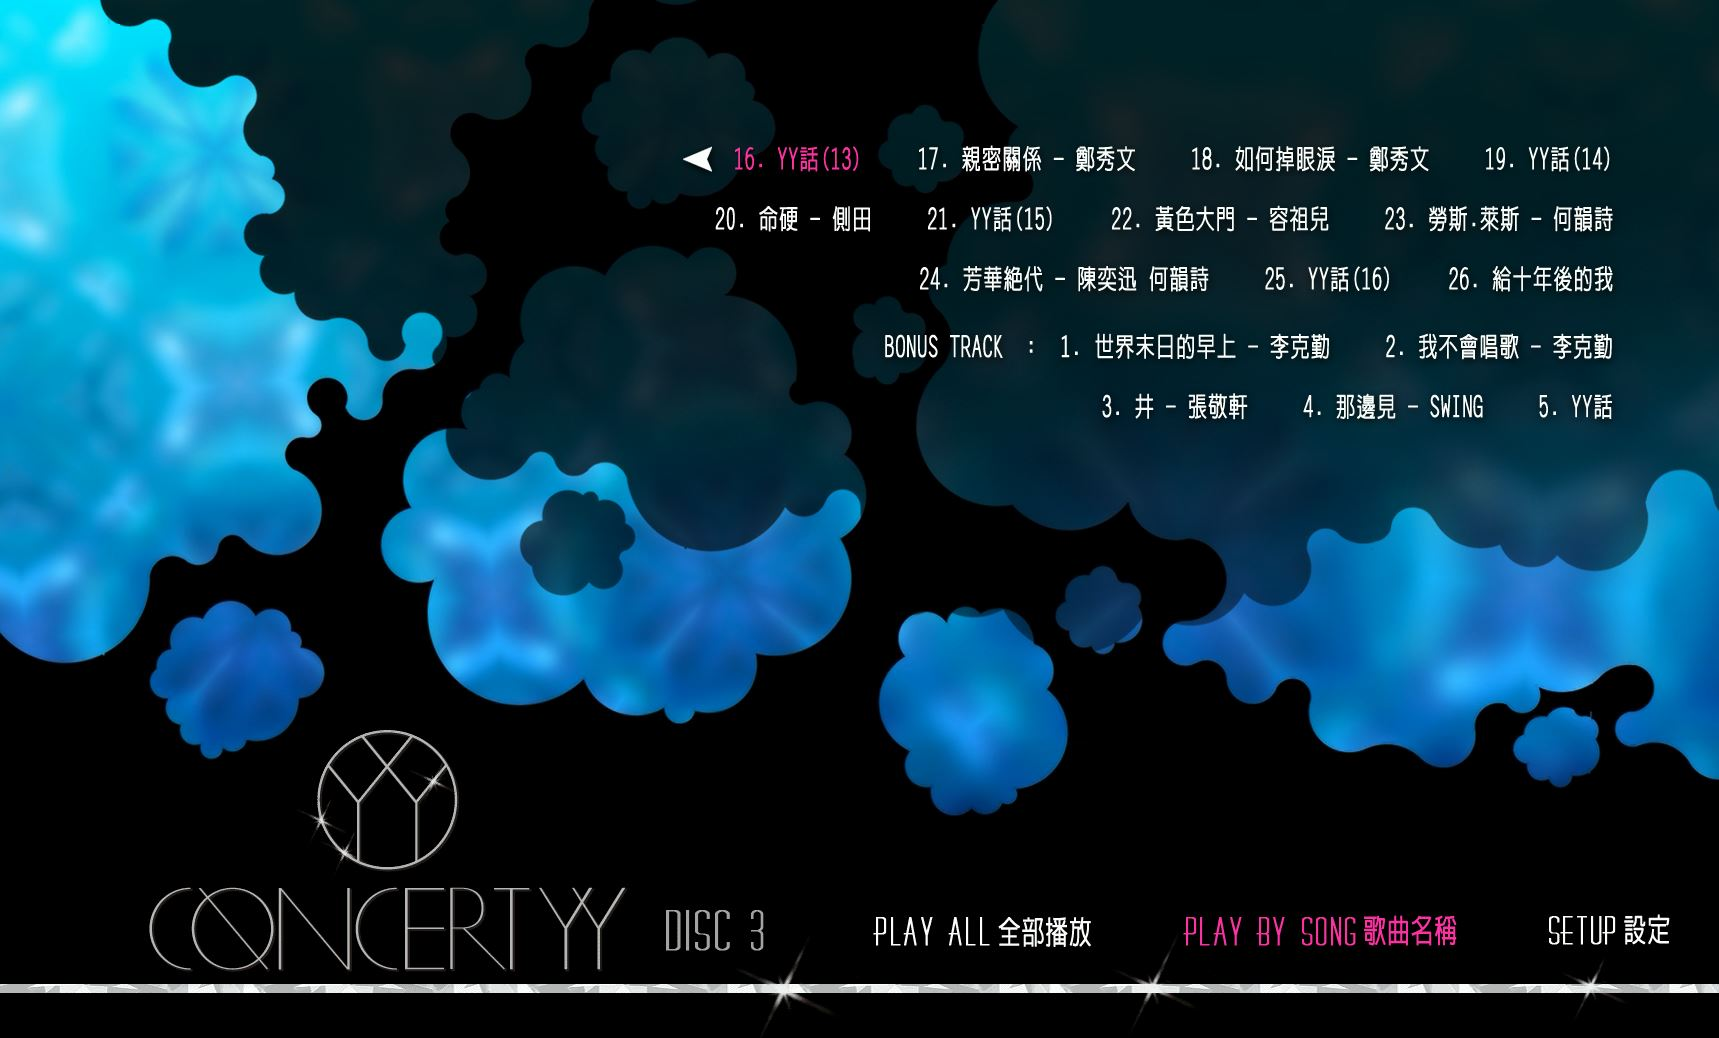 [蓝光原盘] 黄伟文作品展 演唱会2012 [半个香港乐坛 超过40个歌手 18年名曲尽出] 《BDMV 3碟115.52G》插图(6)